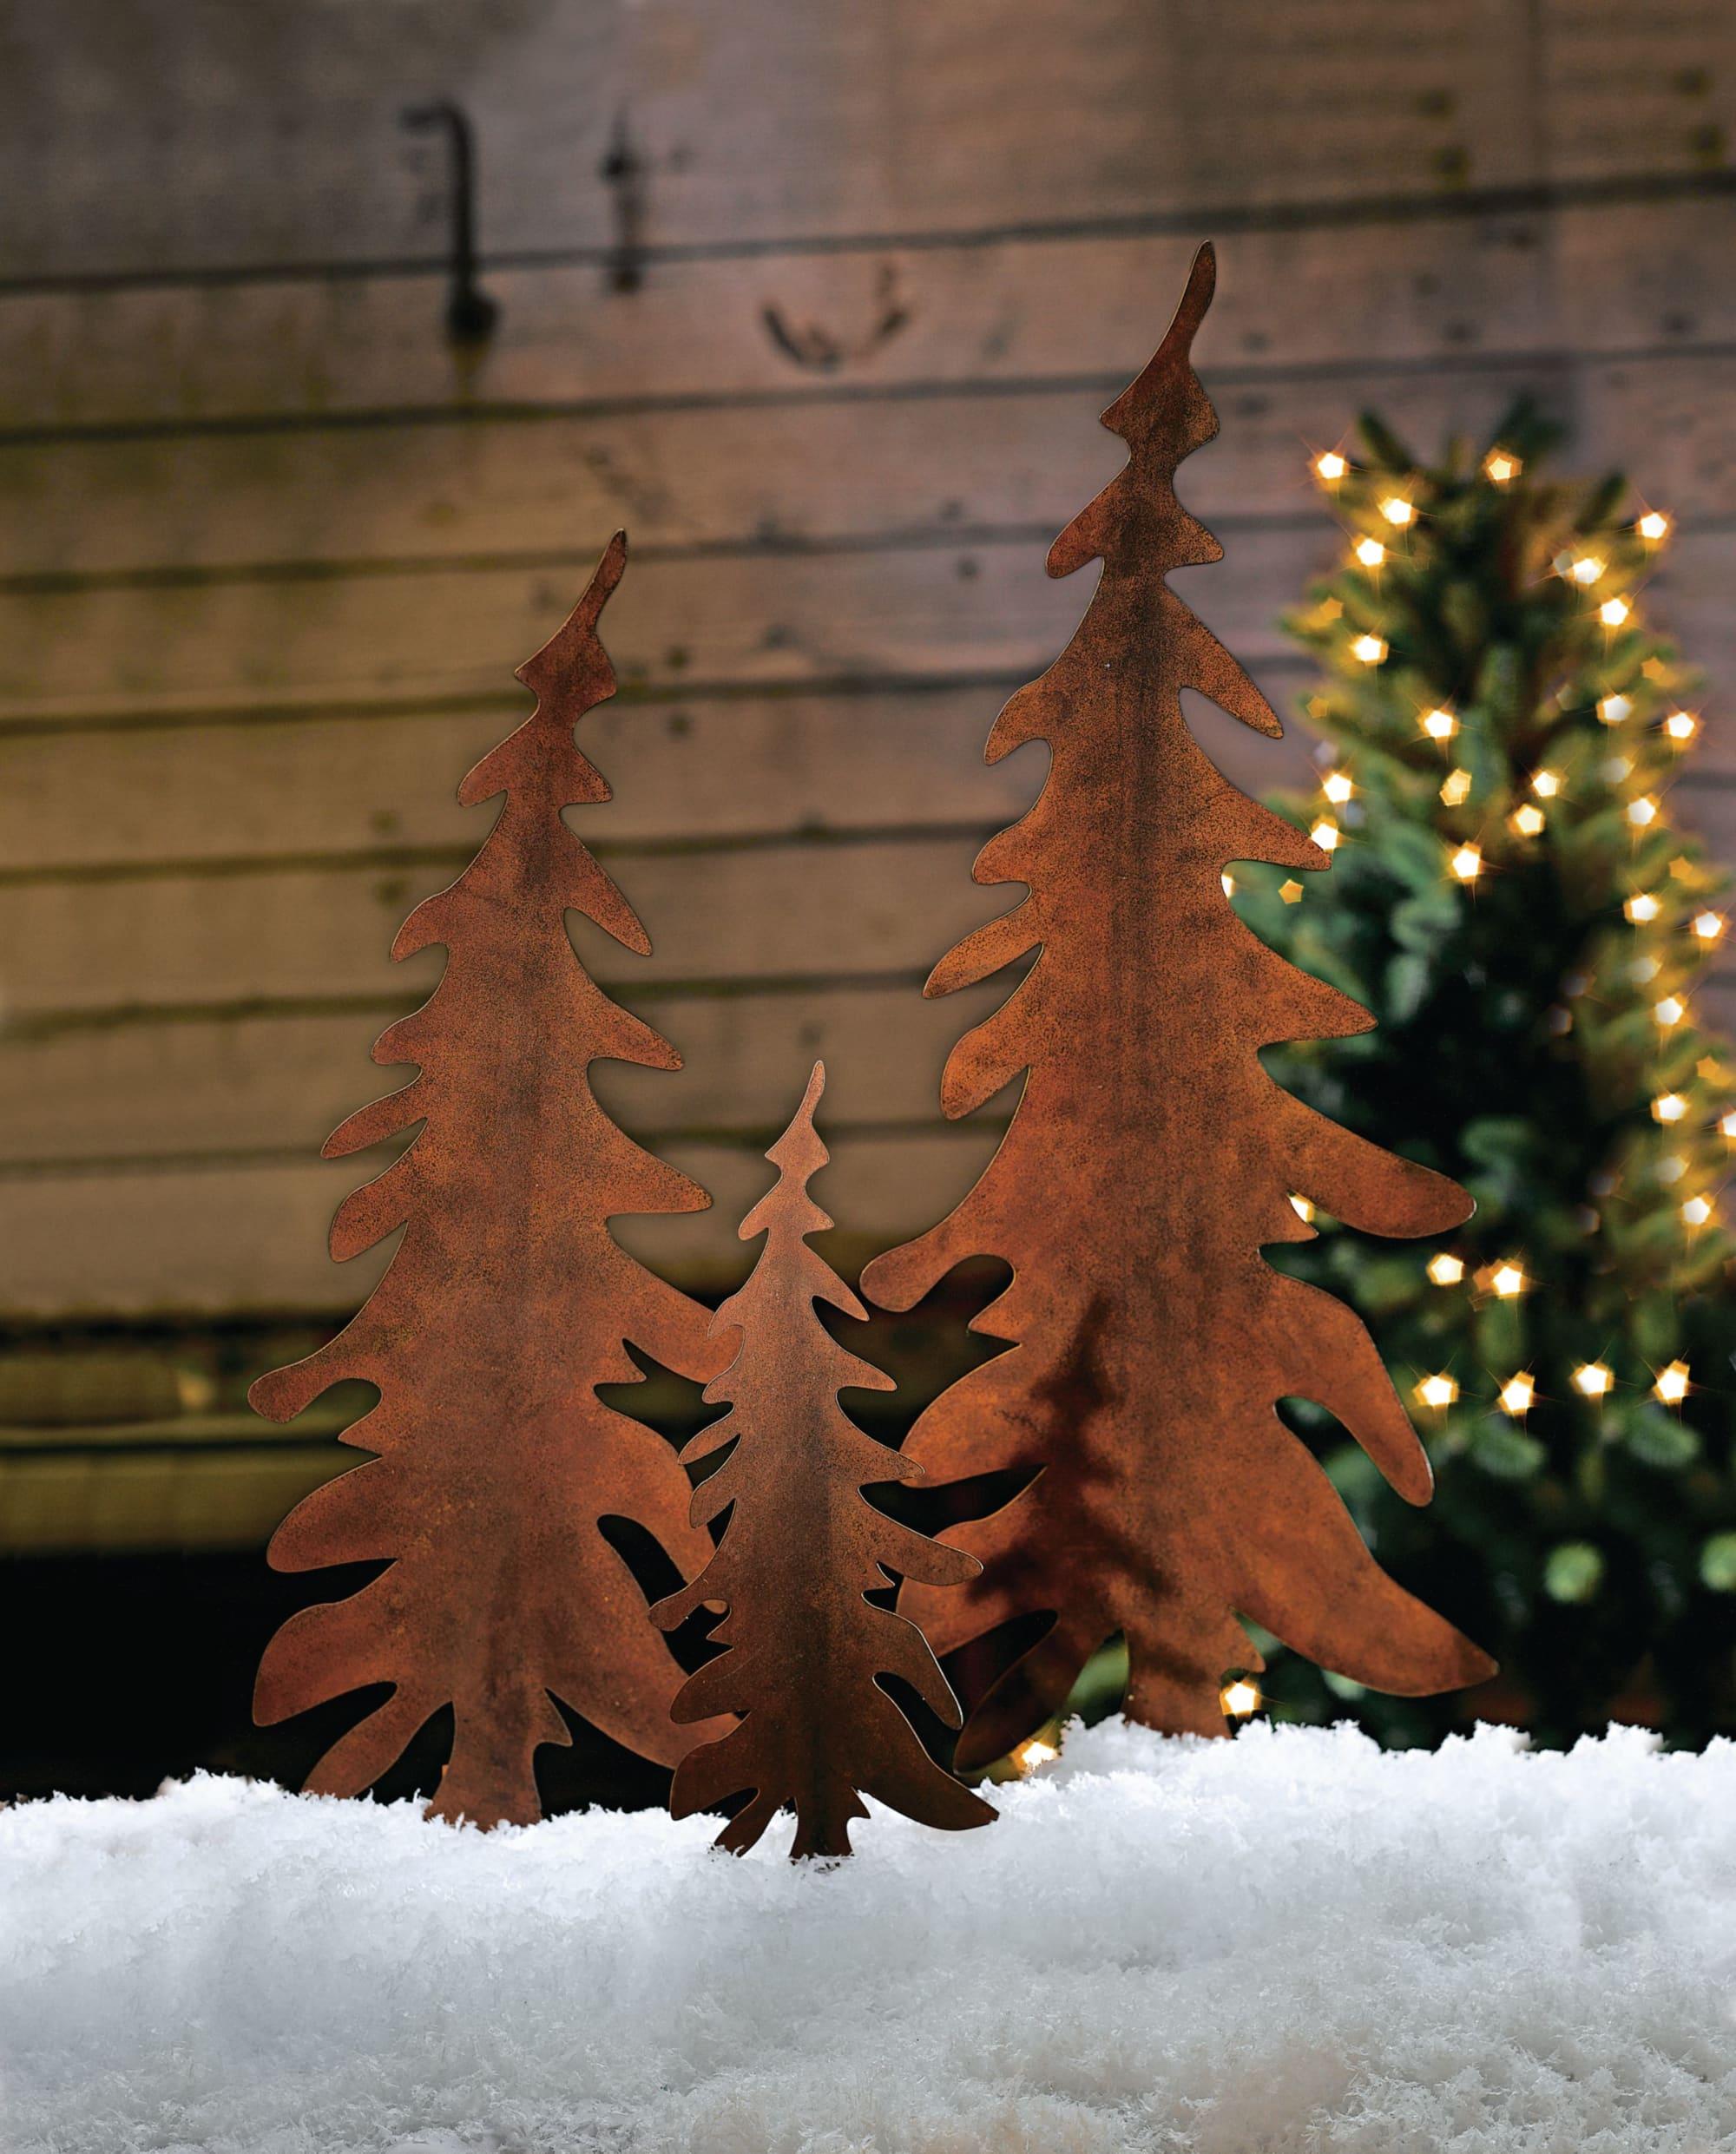 Gartenstecker Weihnachten.Gartenstecker Set 3 Tlg Tannenbaum Rostfinish Rustikal Metall